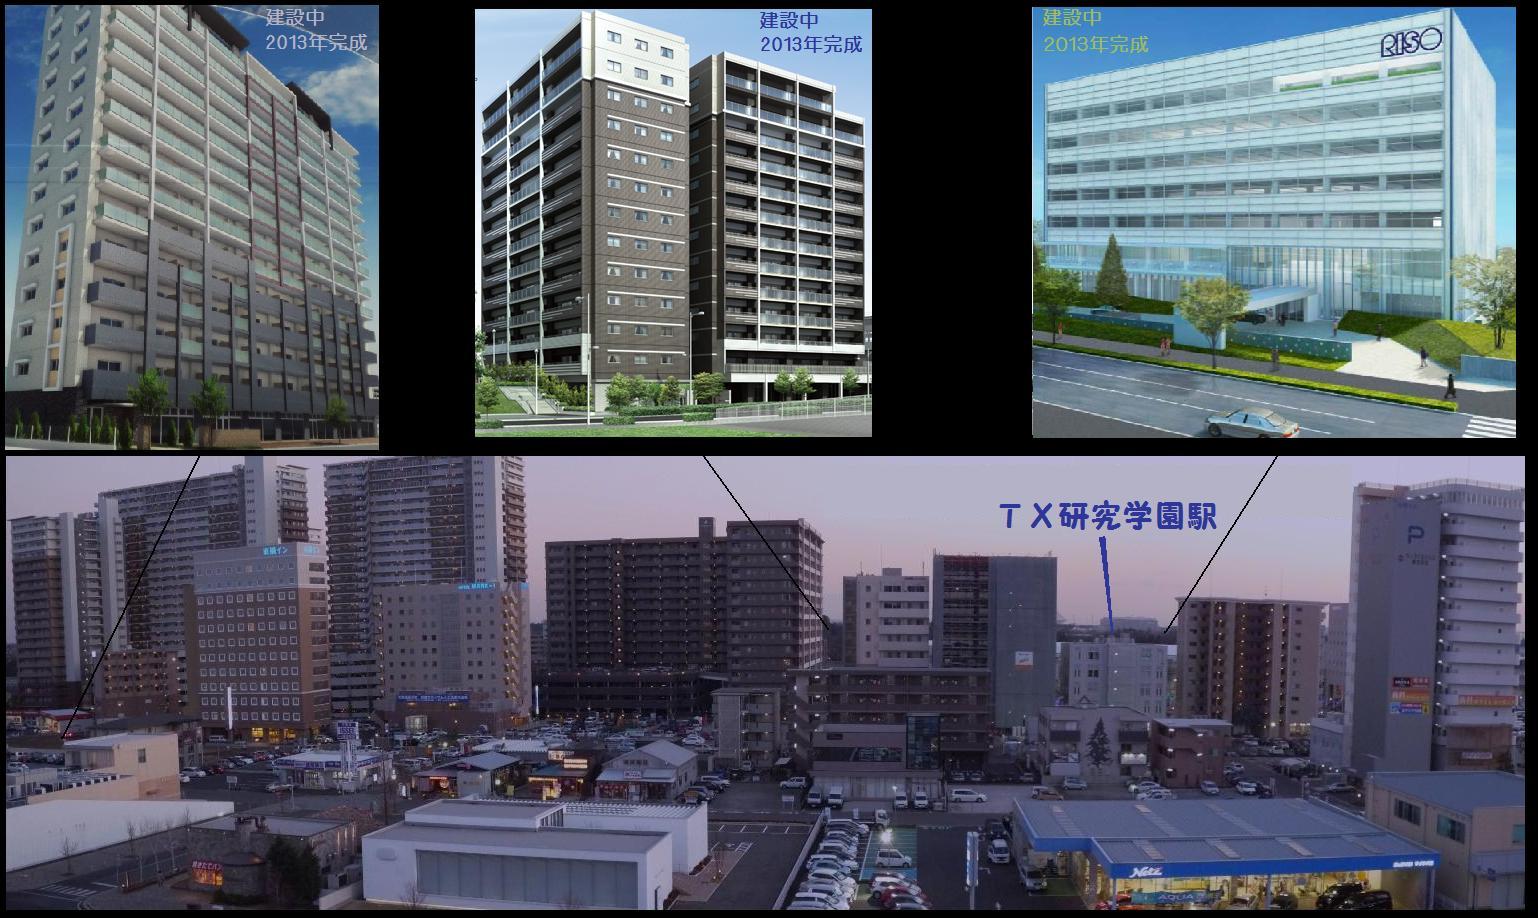 【いばらぎって】茨城県総合スレッド【言うな】YouTube動画>8本 dailymotion>1本 ->画像>51枚